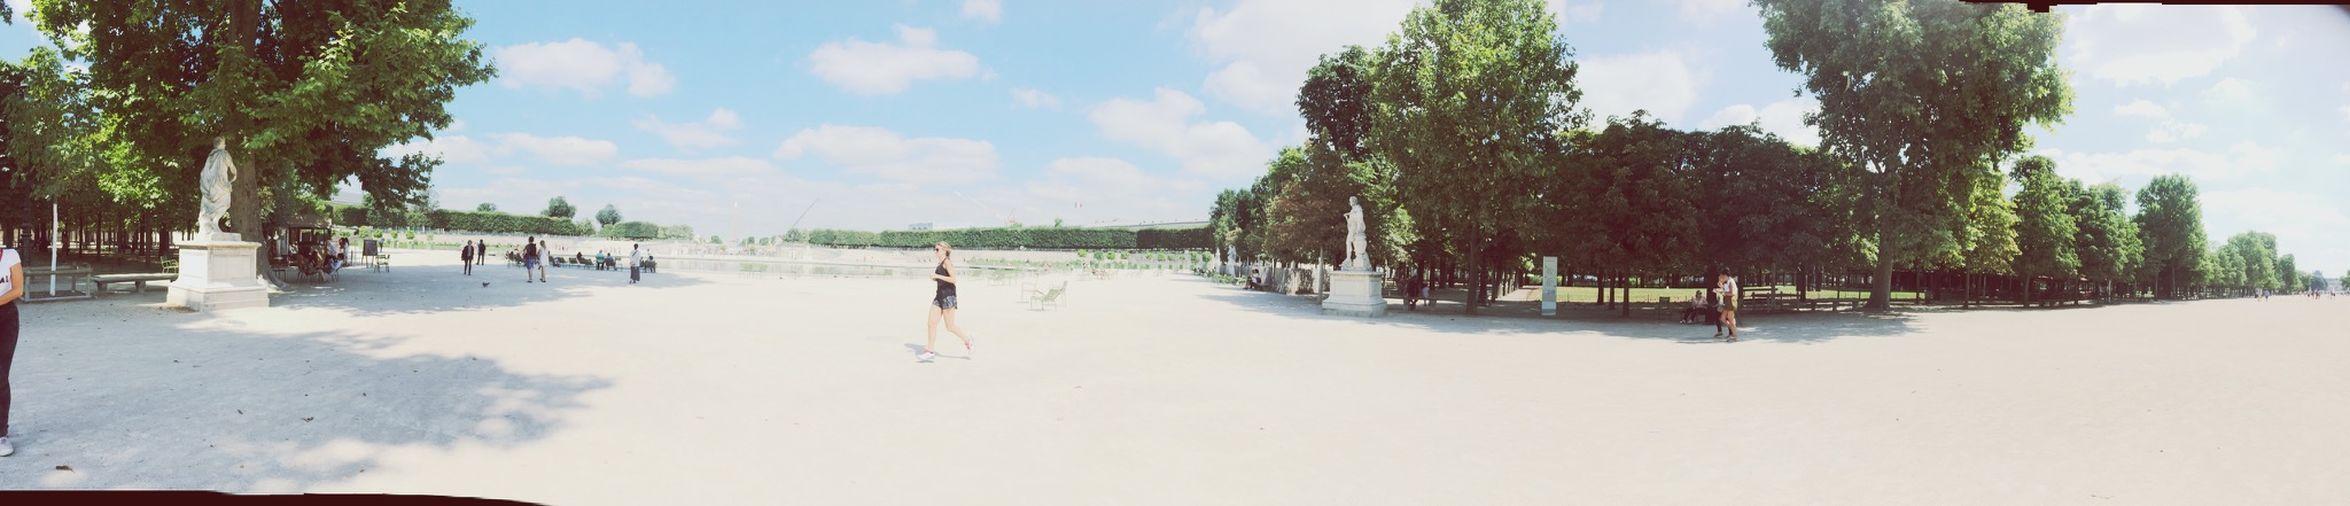 Jardin des Tuileries🌷 Paris📍